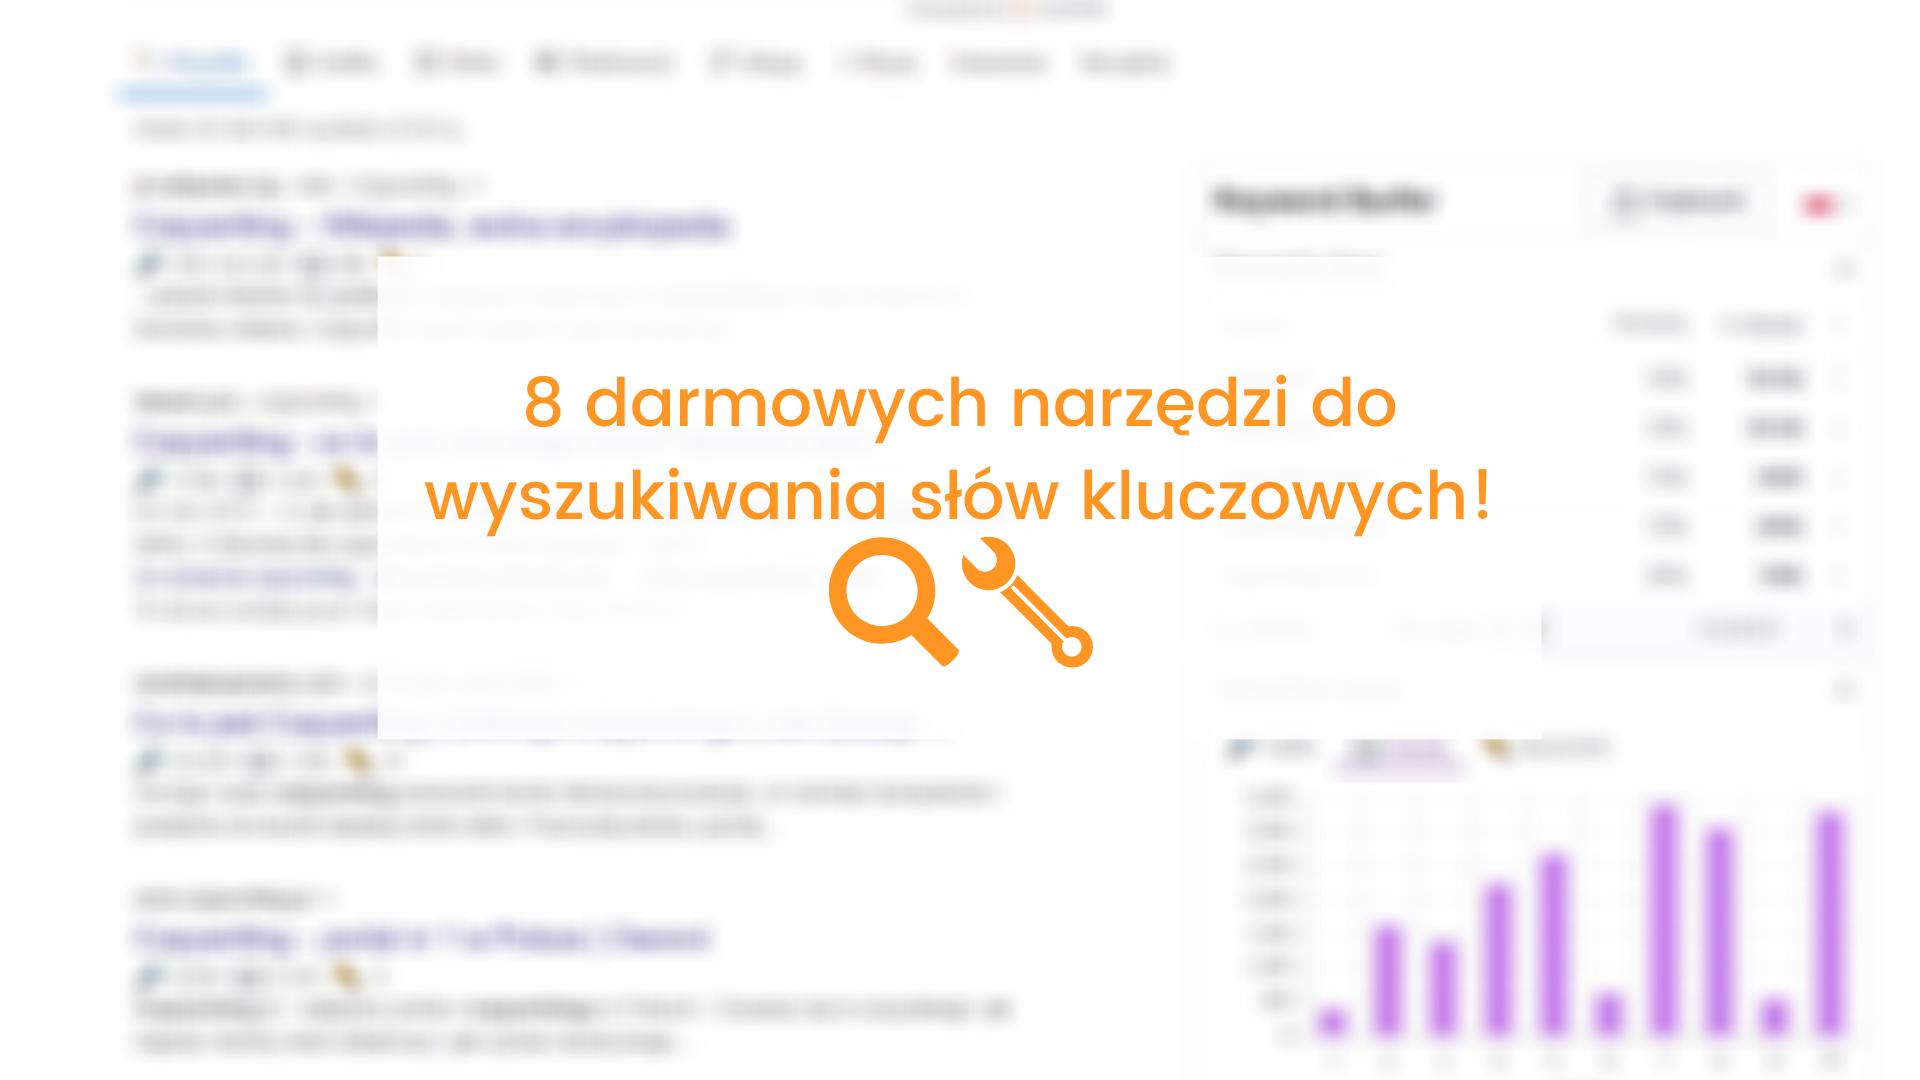 Narzedzia_do_wyszukiwania_fraz_glowna